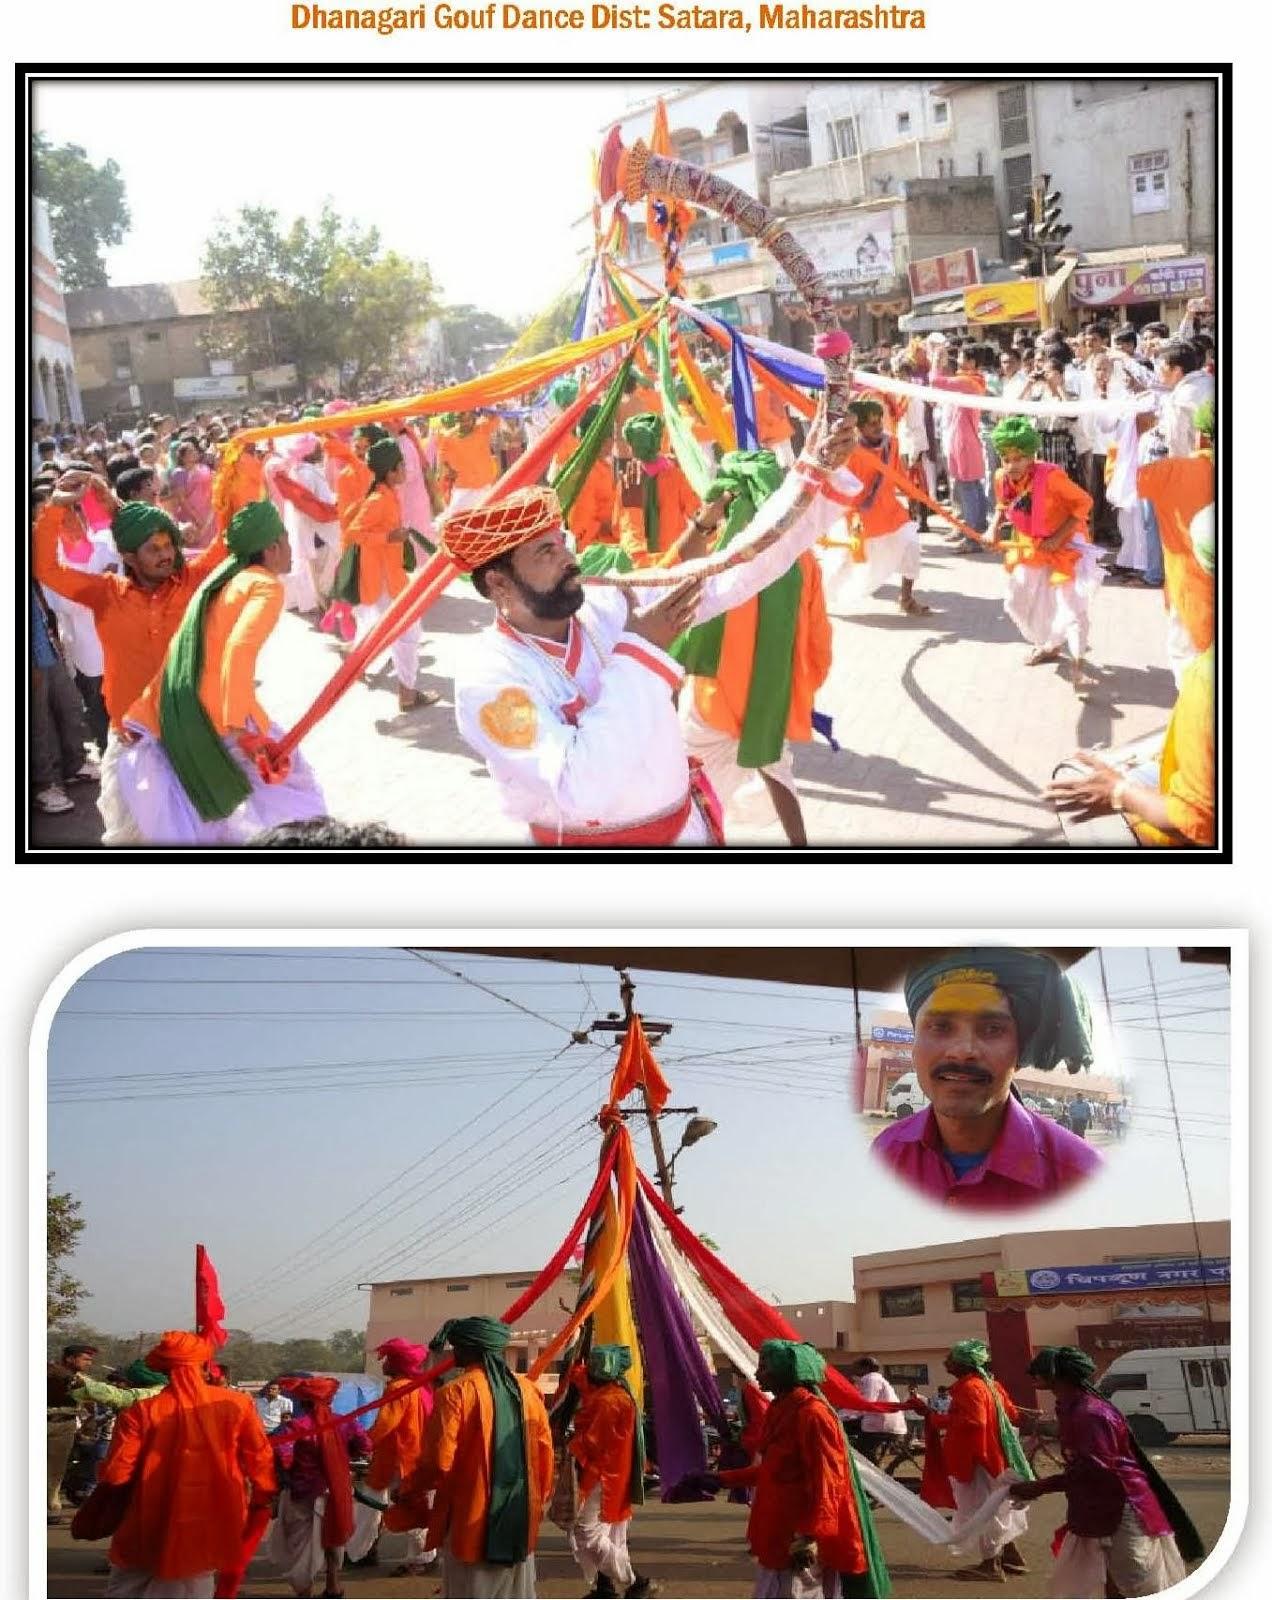 Dhanagai Gouf dance, satara, Maharashtra